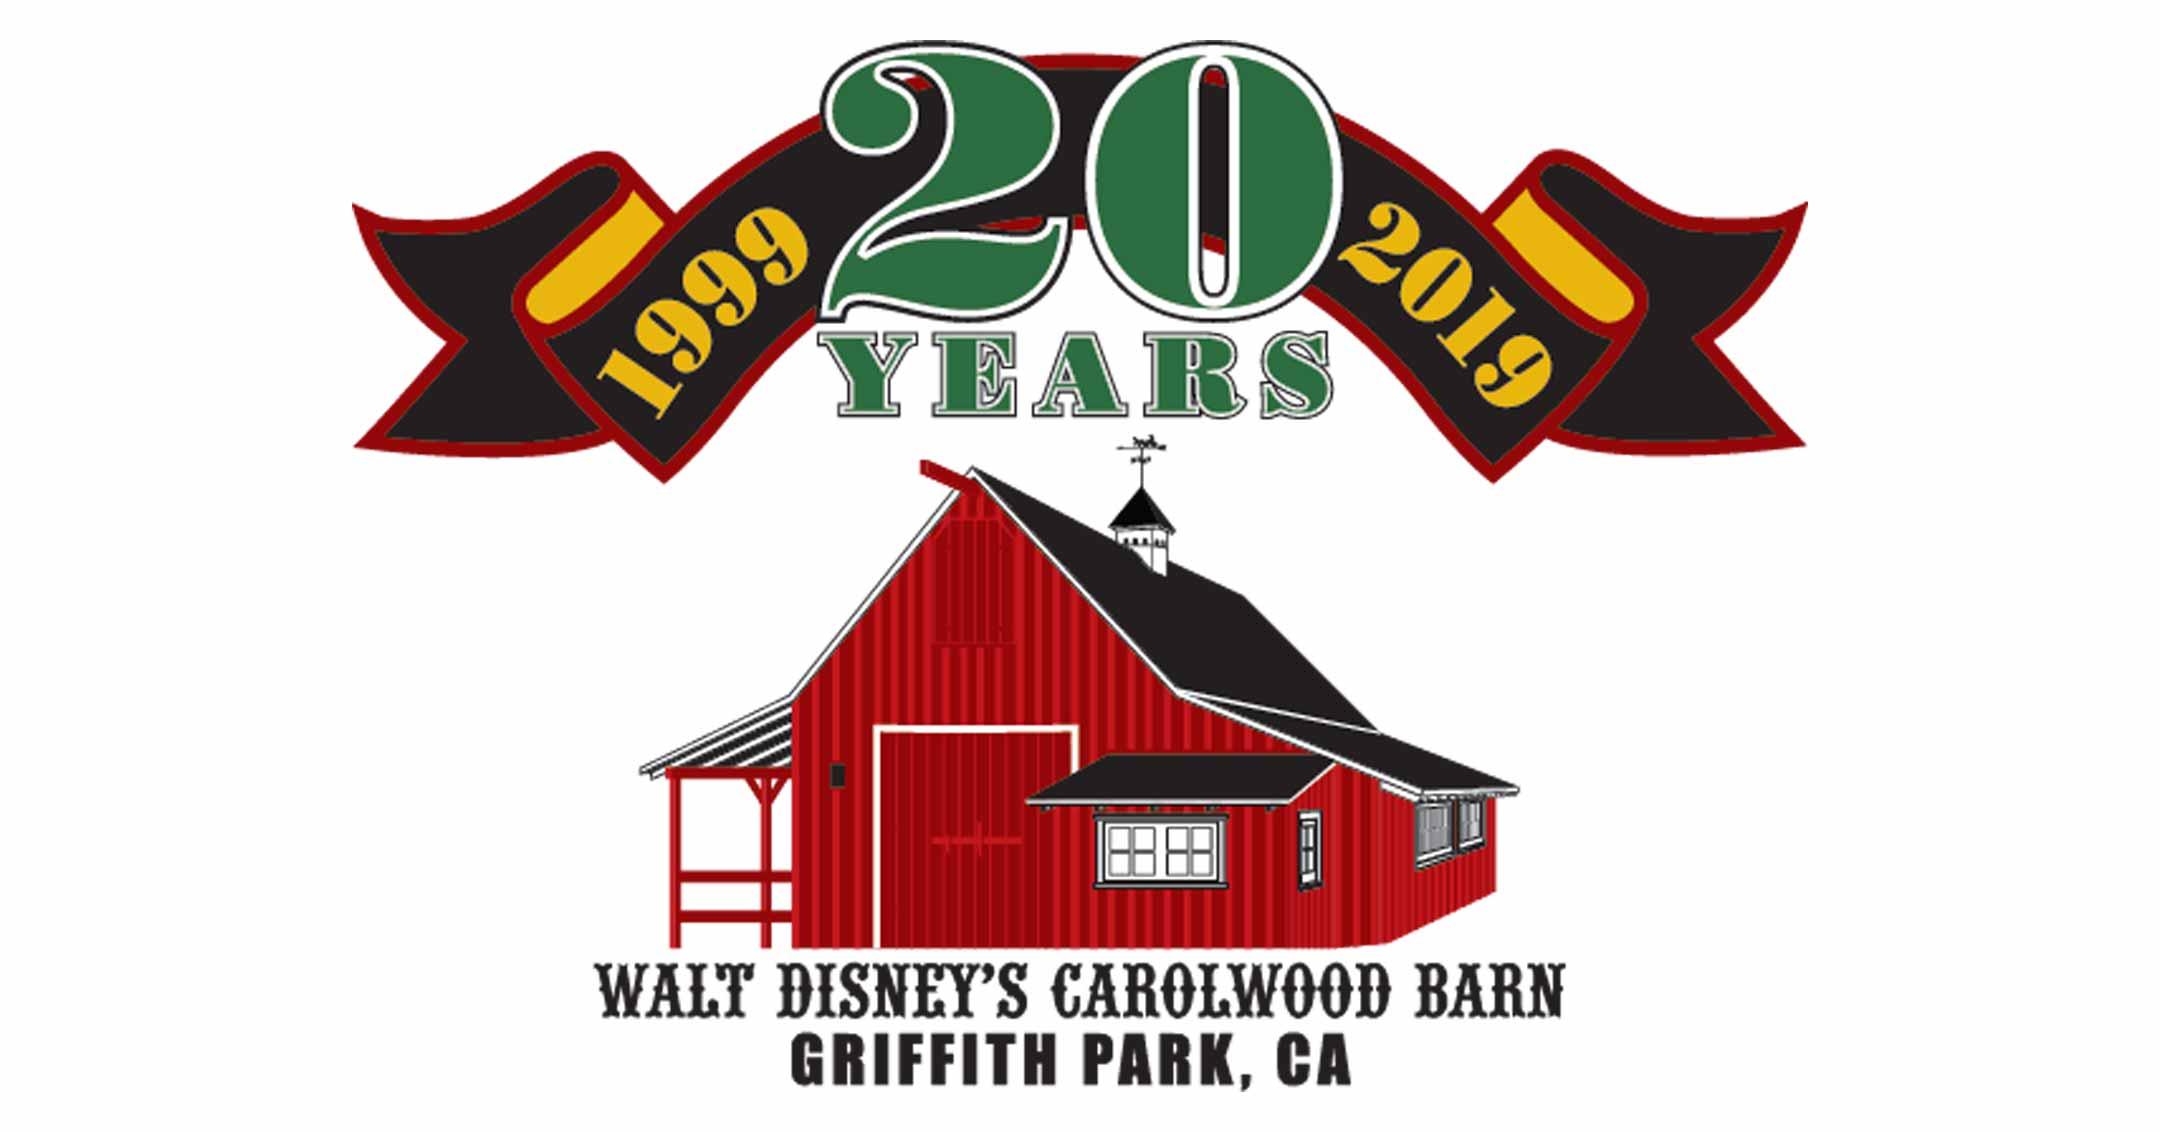 Walt Disney's Carolwood Barn 20th Anniversary Celebration | Carolwood.org